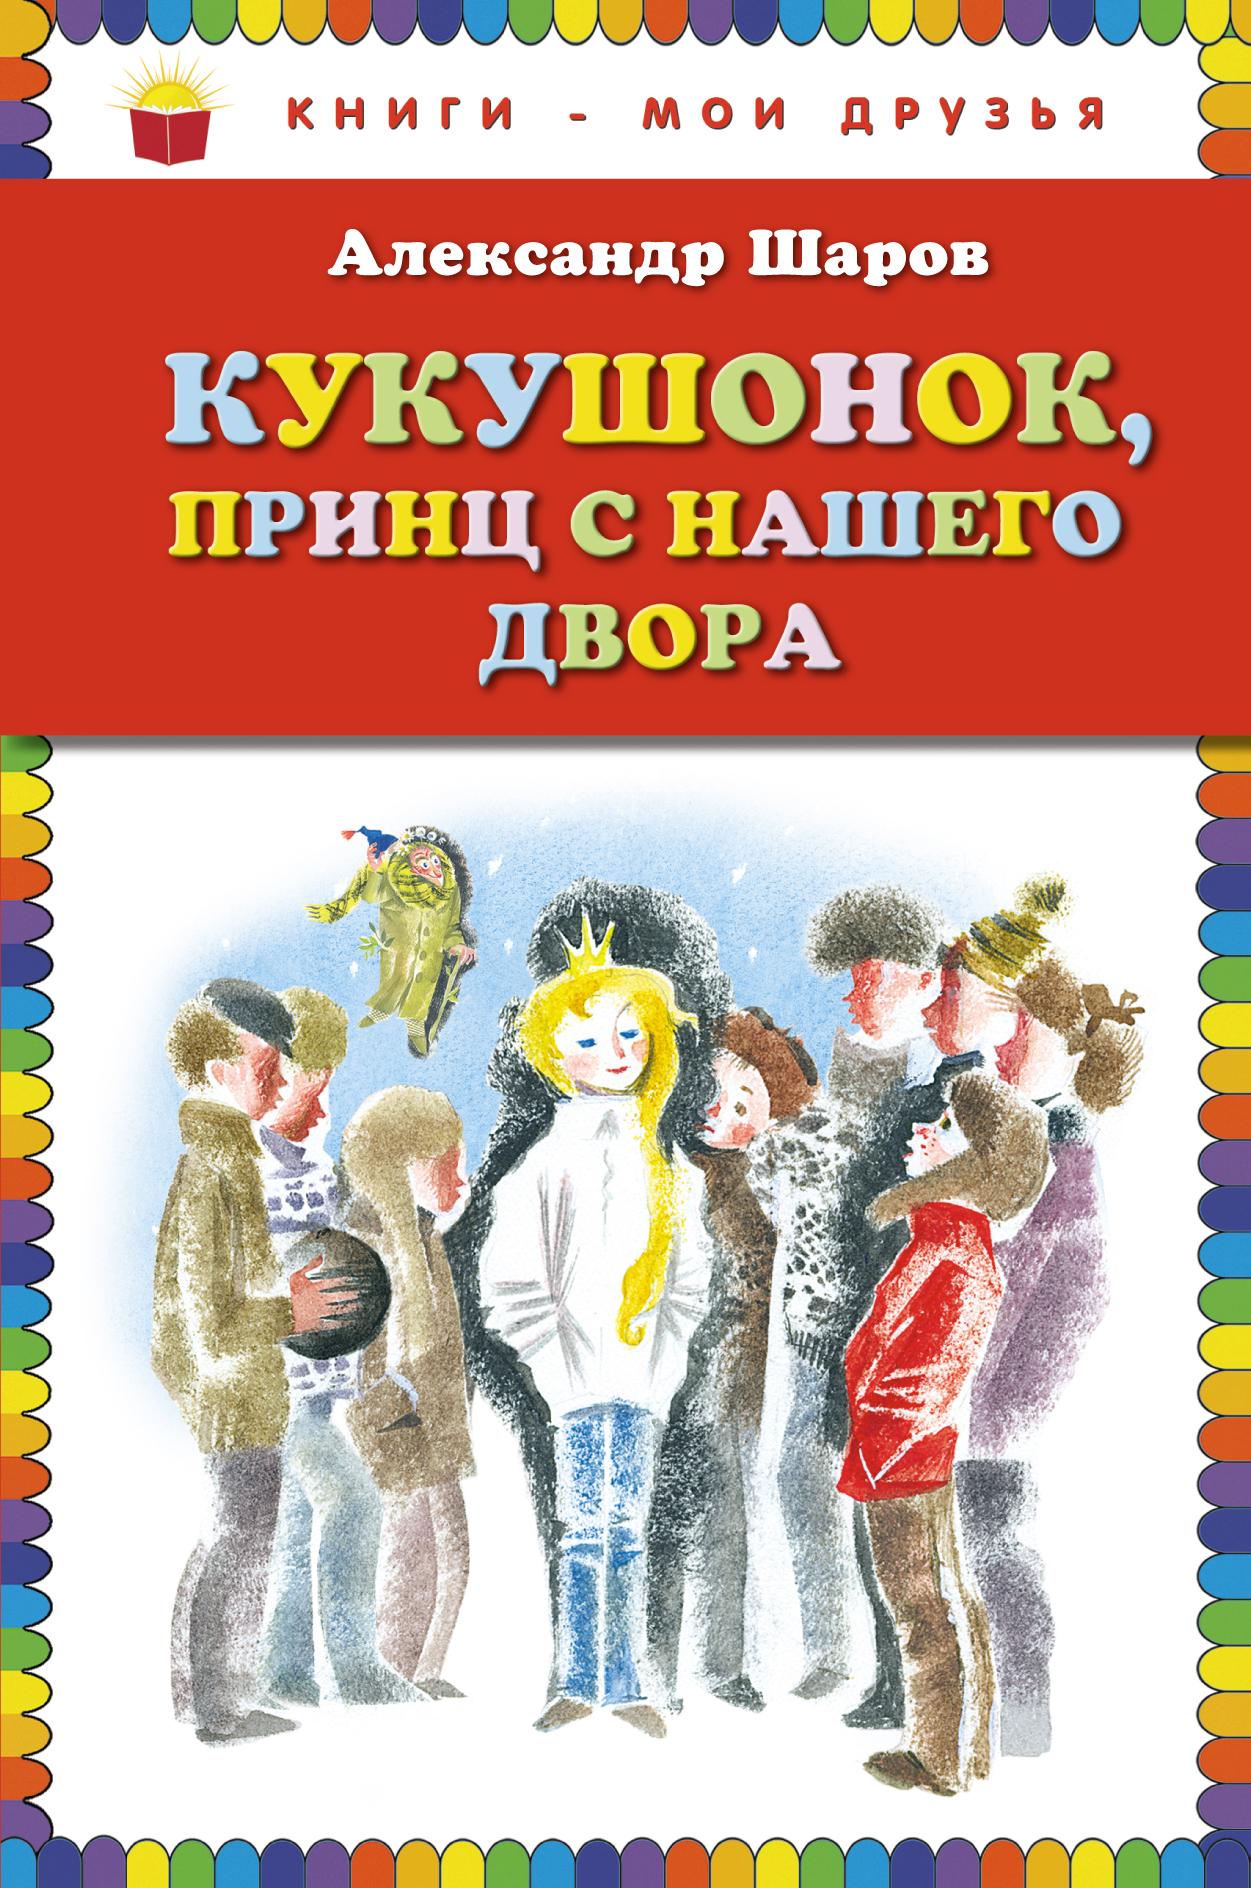 Александр Шаров Кукушонок, принц с нашего двора. Сказки (ст. изд.) бианки в кукушонок